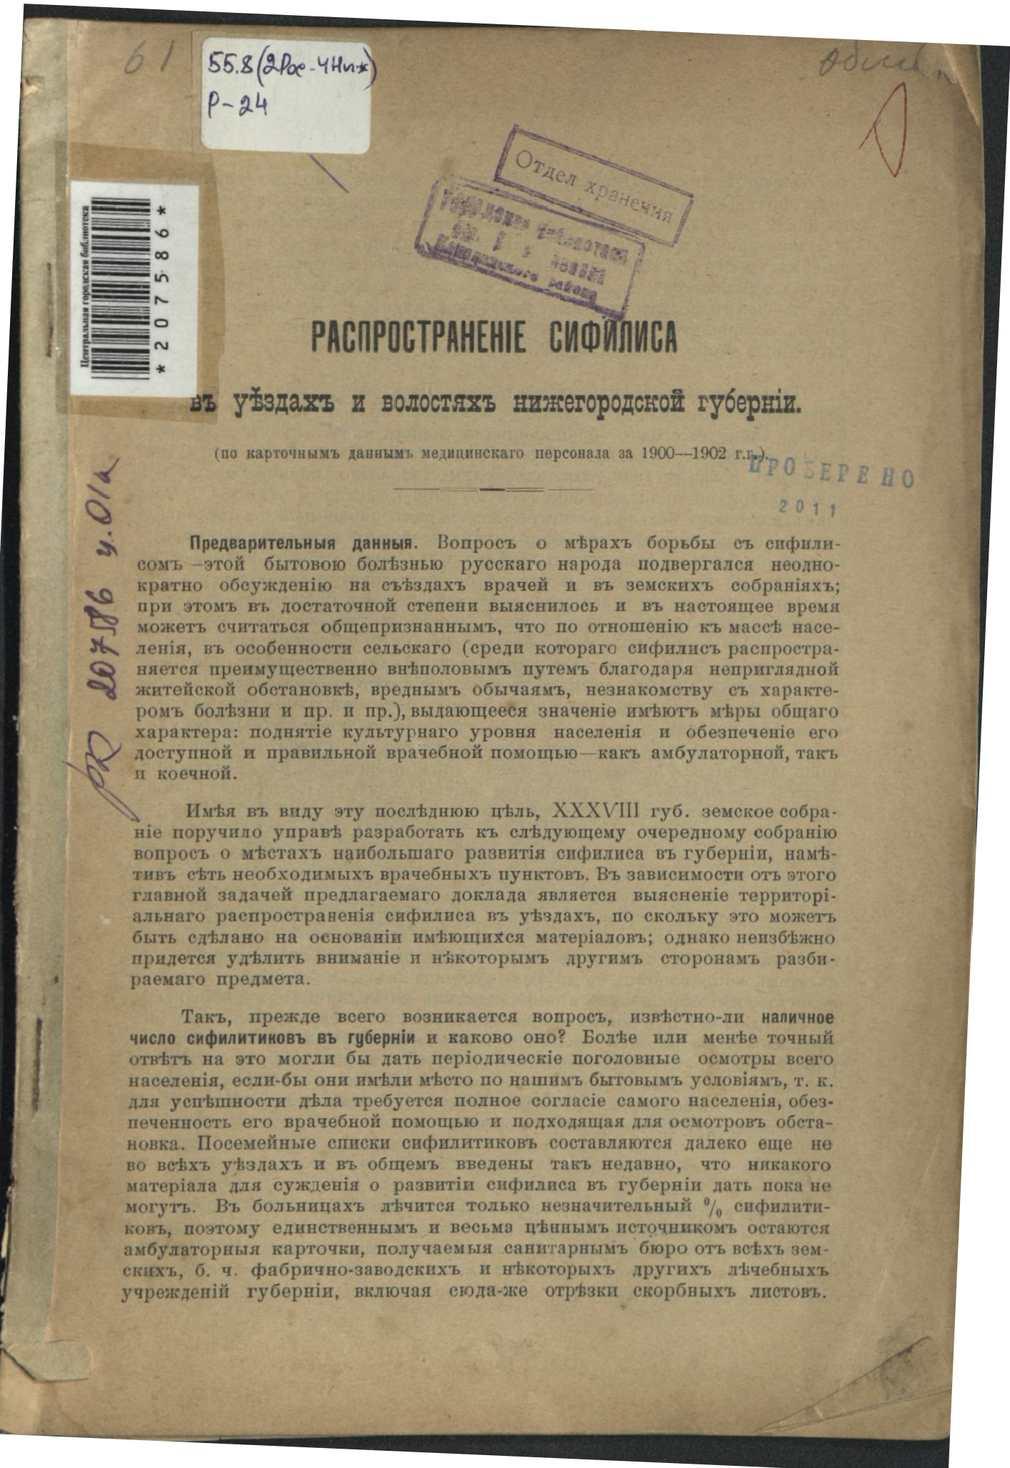 Распространение сифилиса в уездах и волостях  Нижегородской губернии